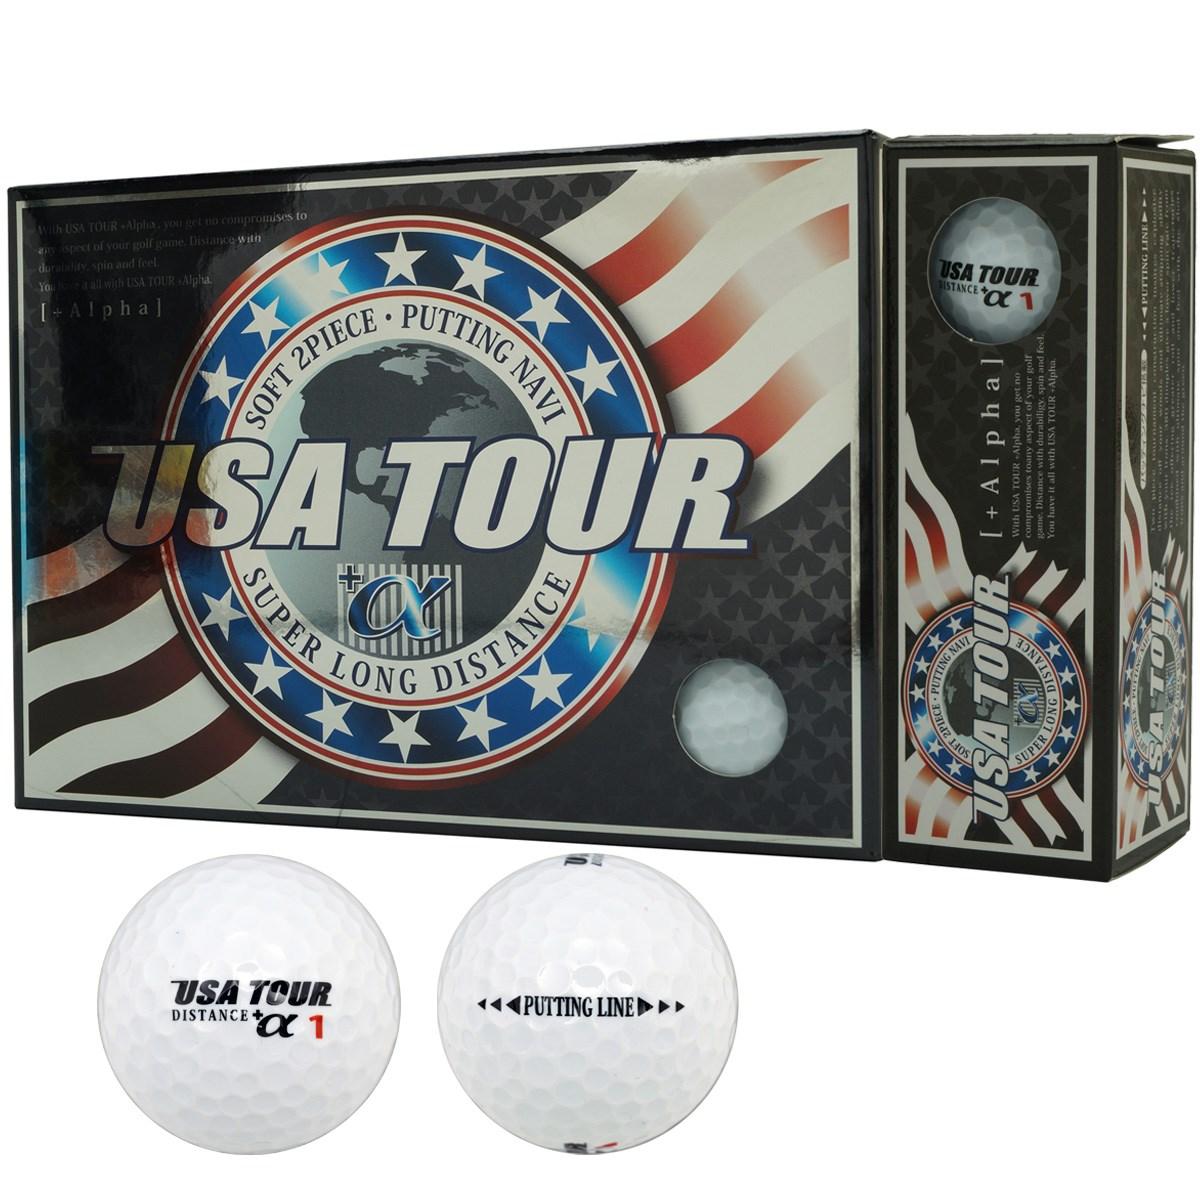 朝日ゴルフ用品 USA TOUR USA ツアーディスタンス+α カラーボール 1ダース(12個入り) ホワイト